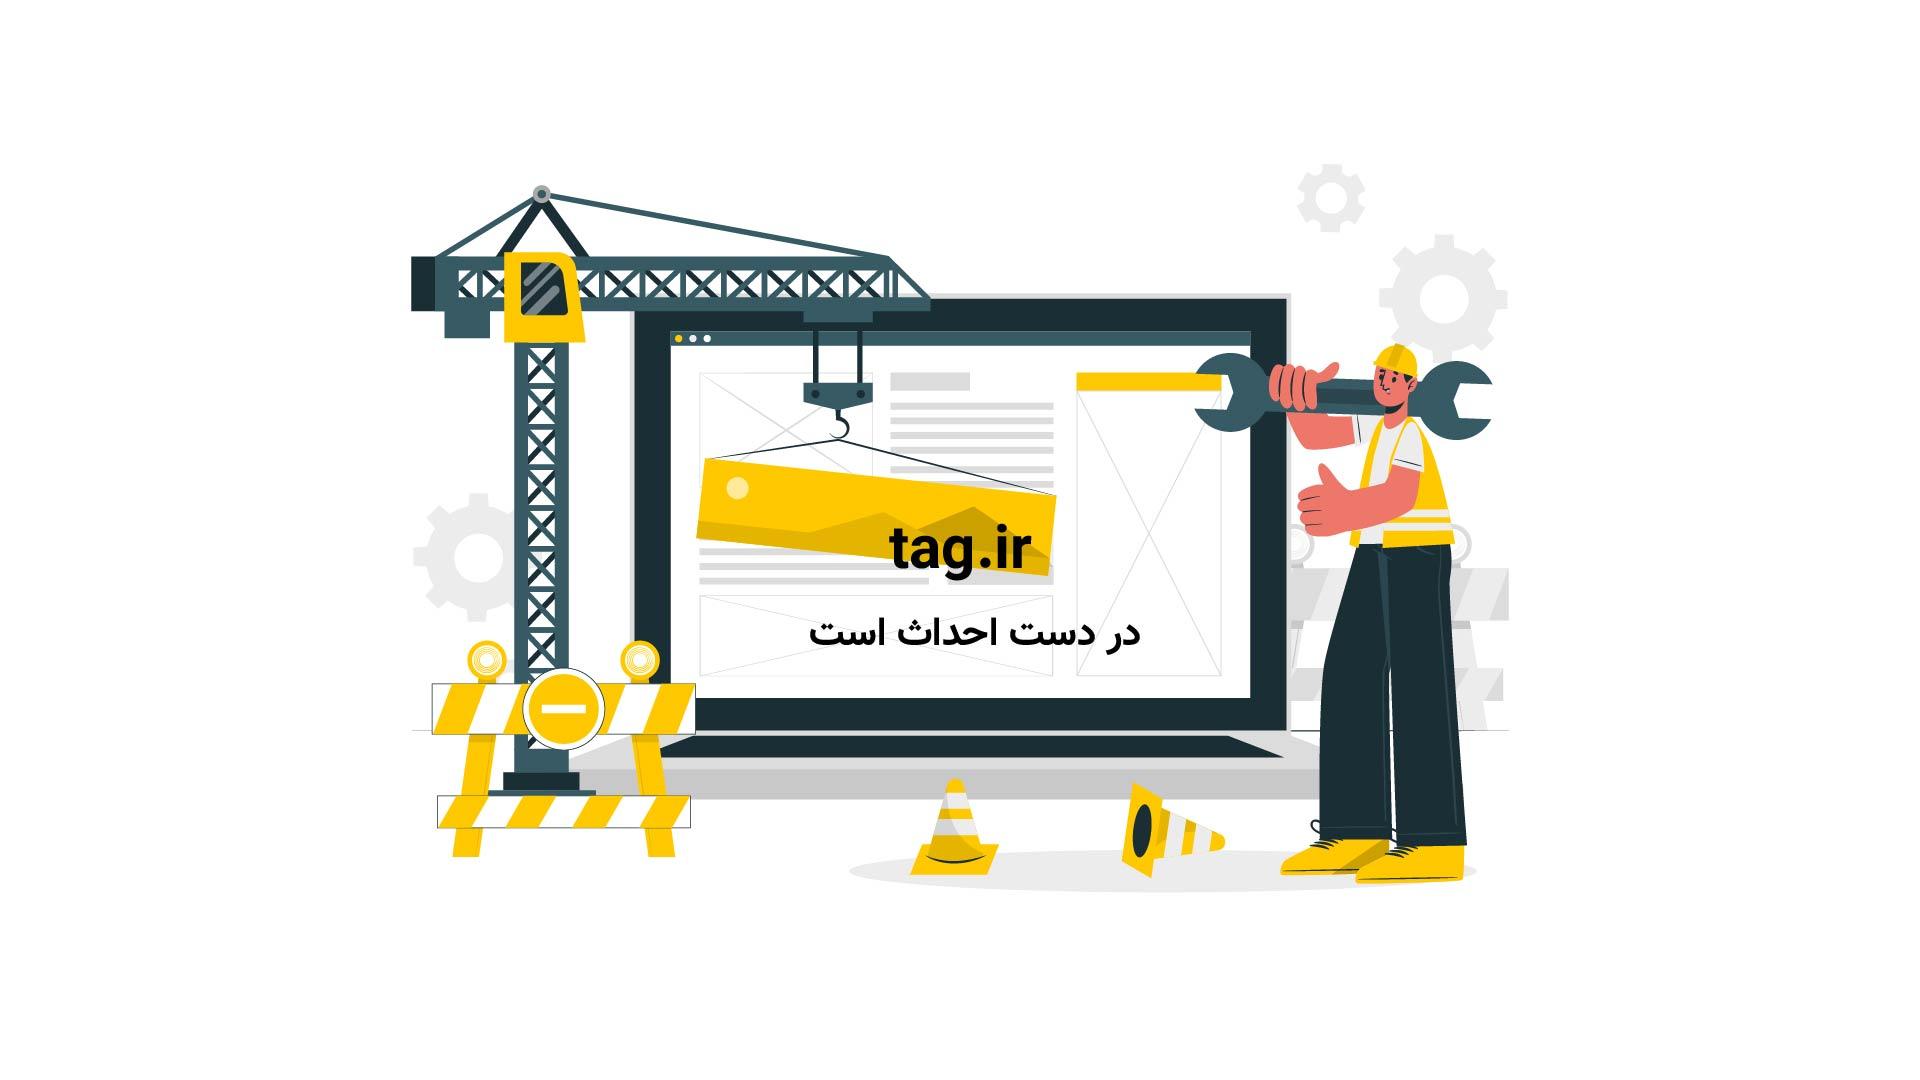 مکان های دیدنی شهر تاریخی یزد | فیلم